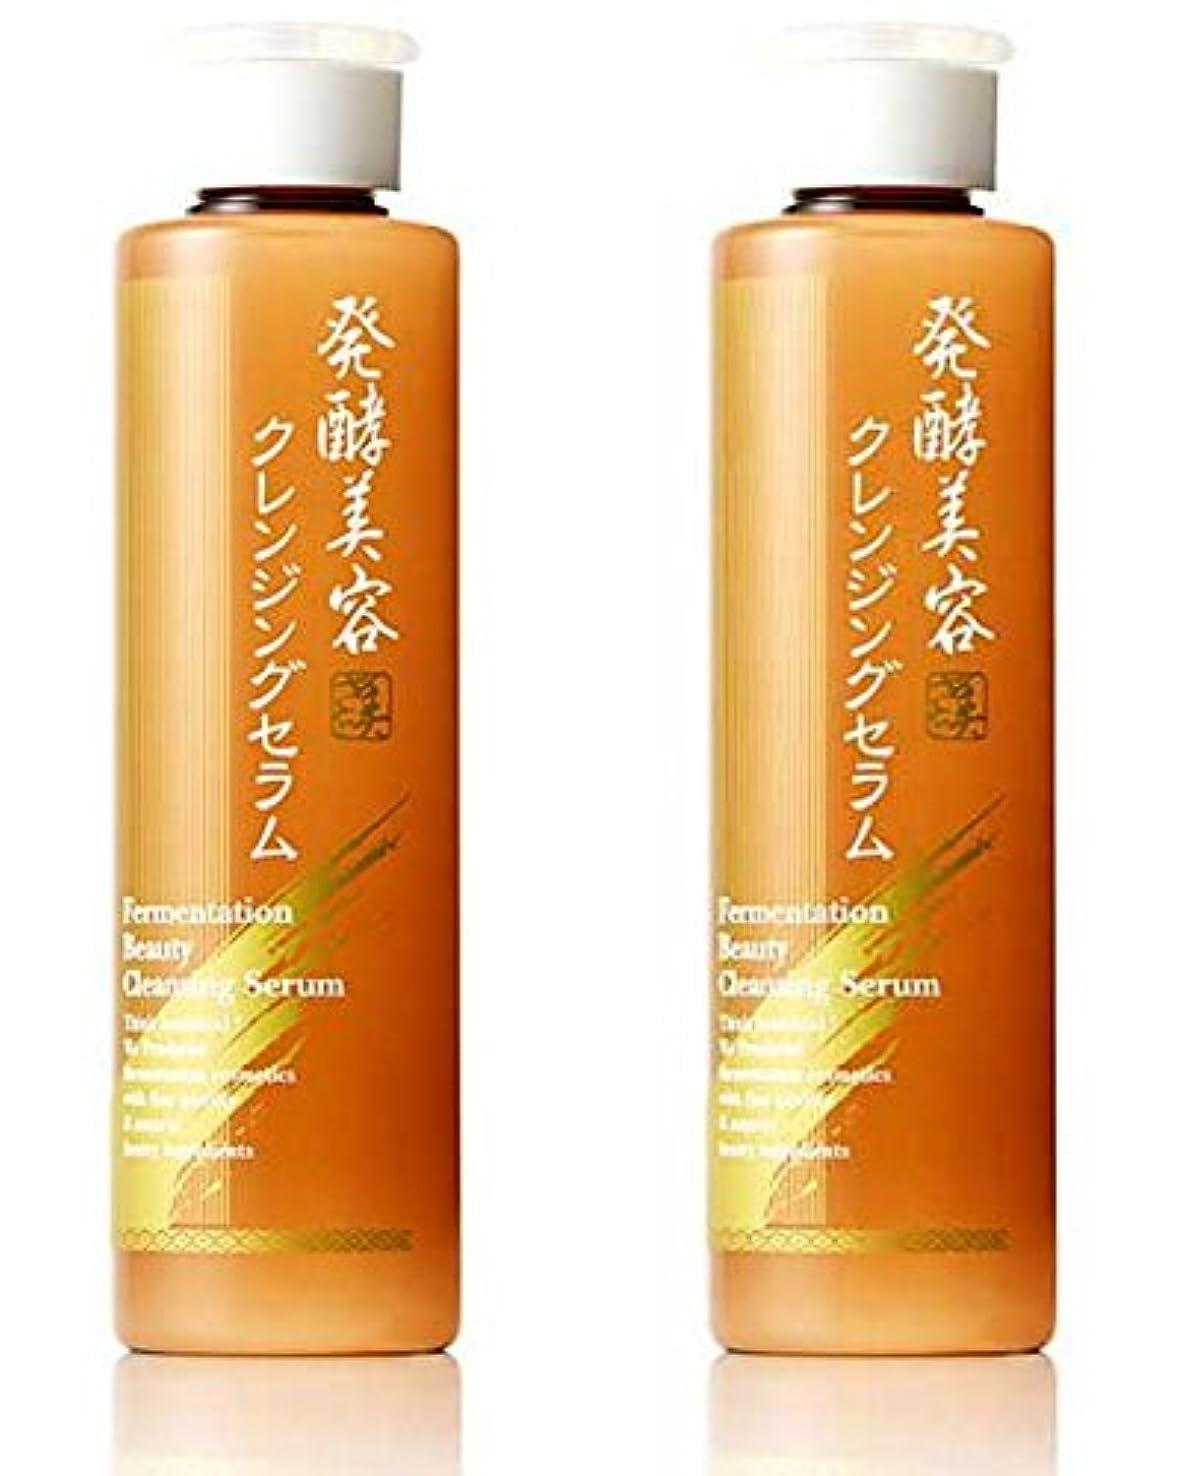 挨拶する安価な粗い美さを 発酵美容クレンジングセラム 2個セット(クレンジングウォーター美容液)